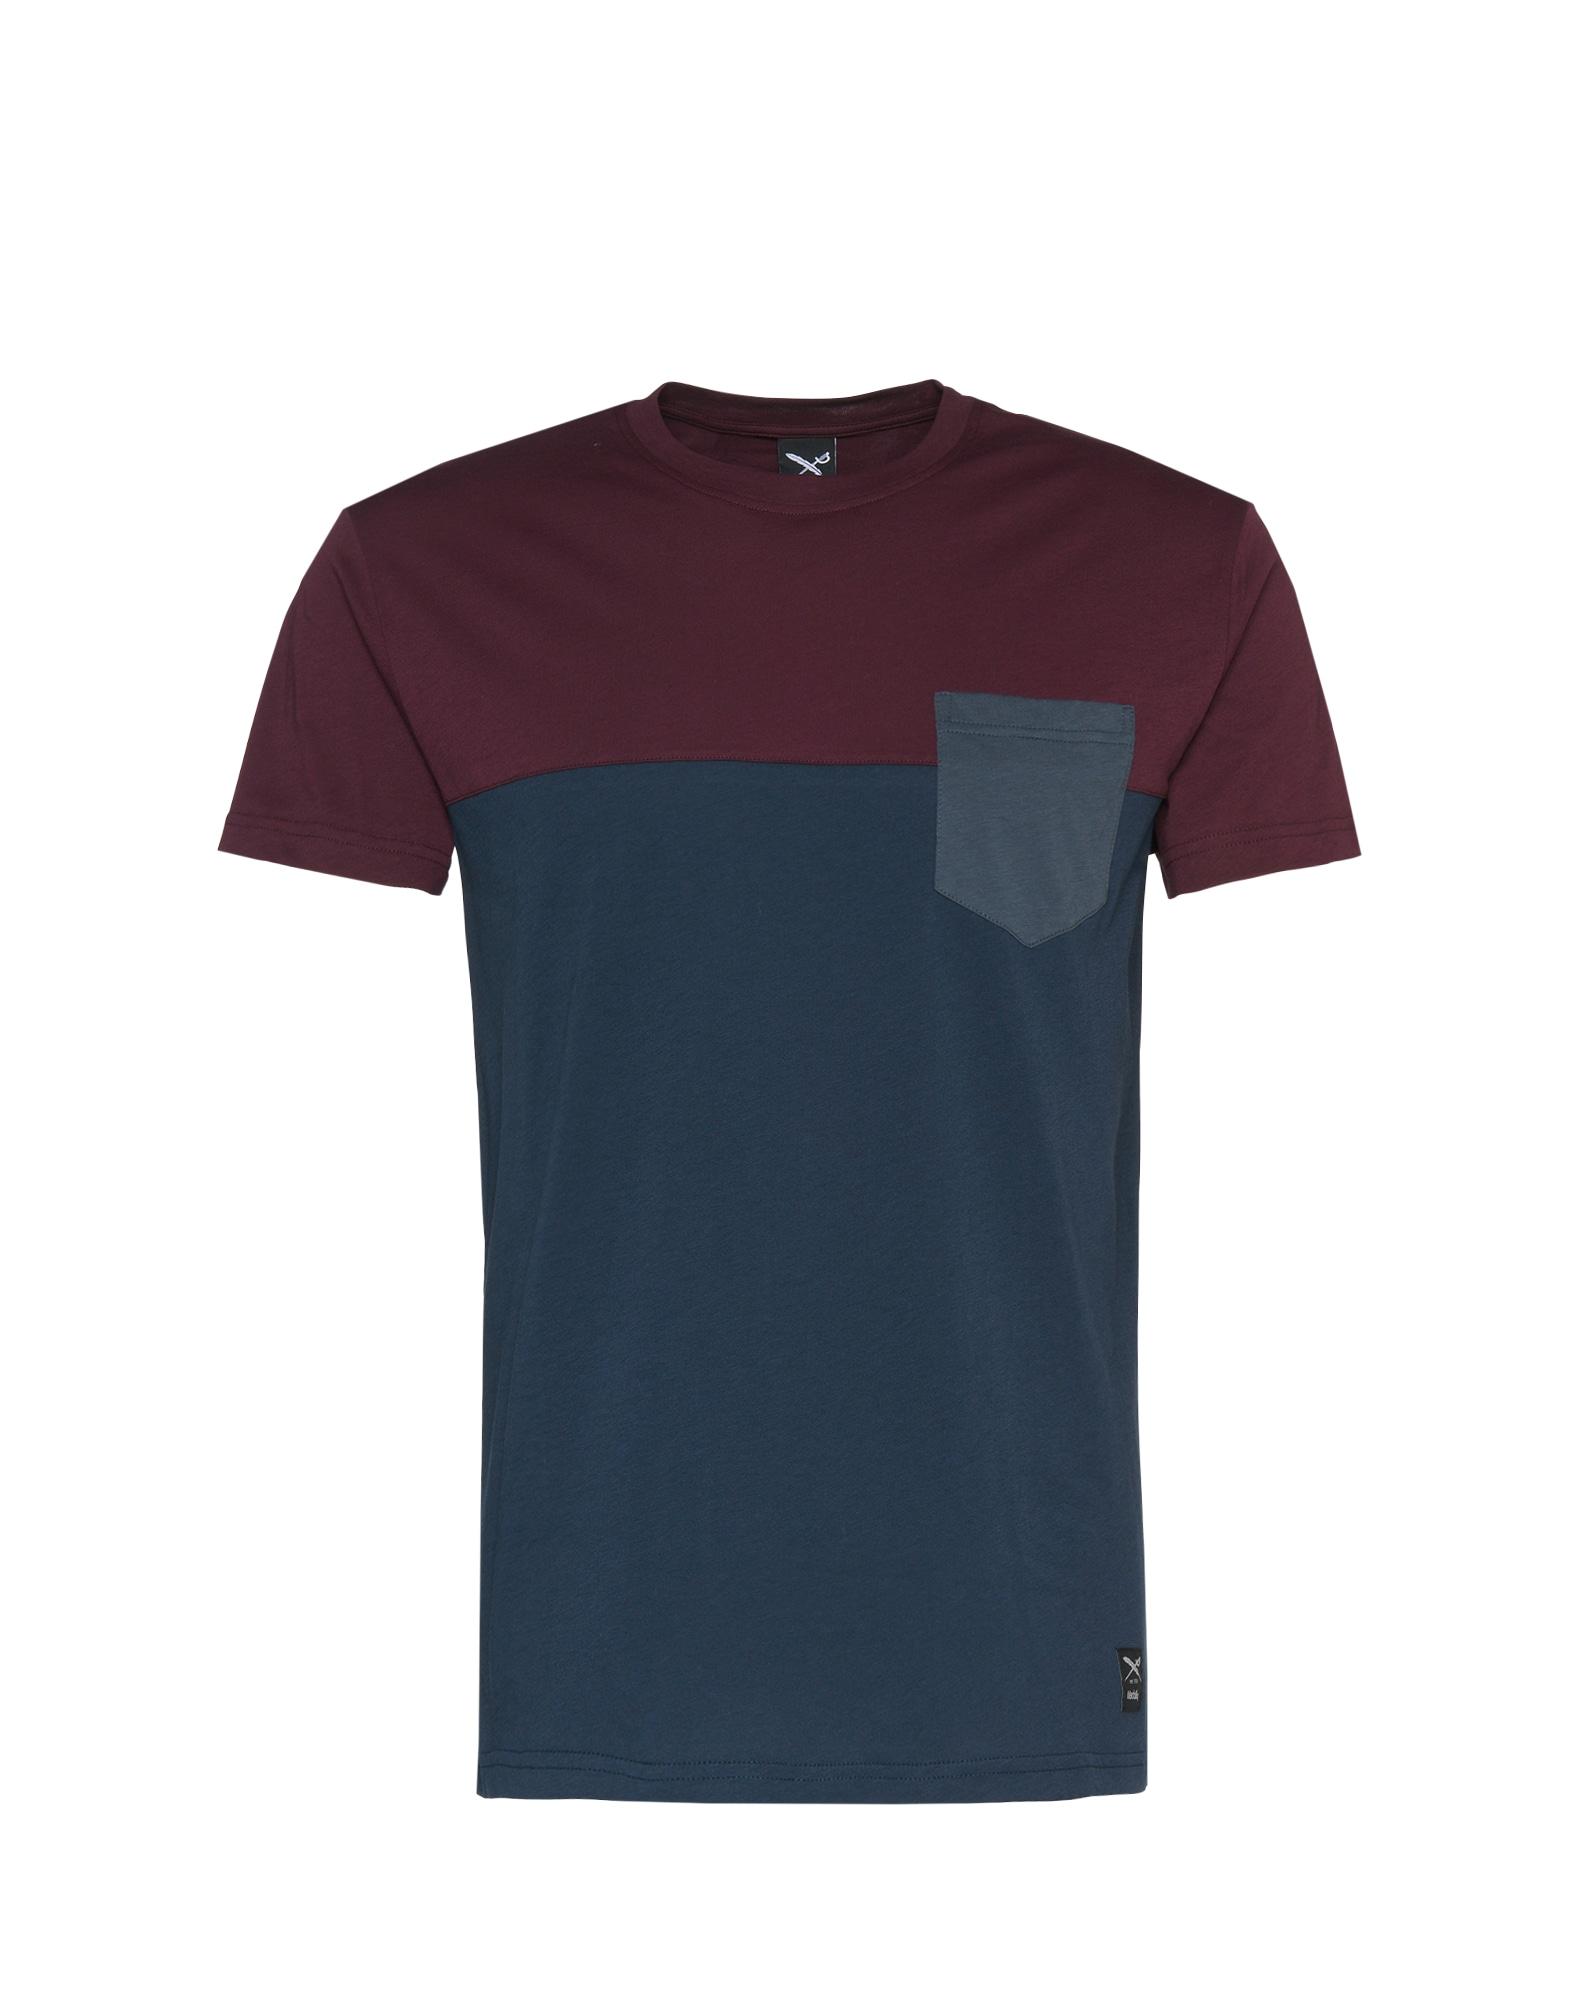 Tričko námořnická modř bordó Iriedaily